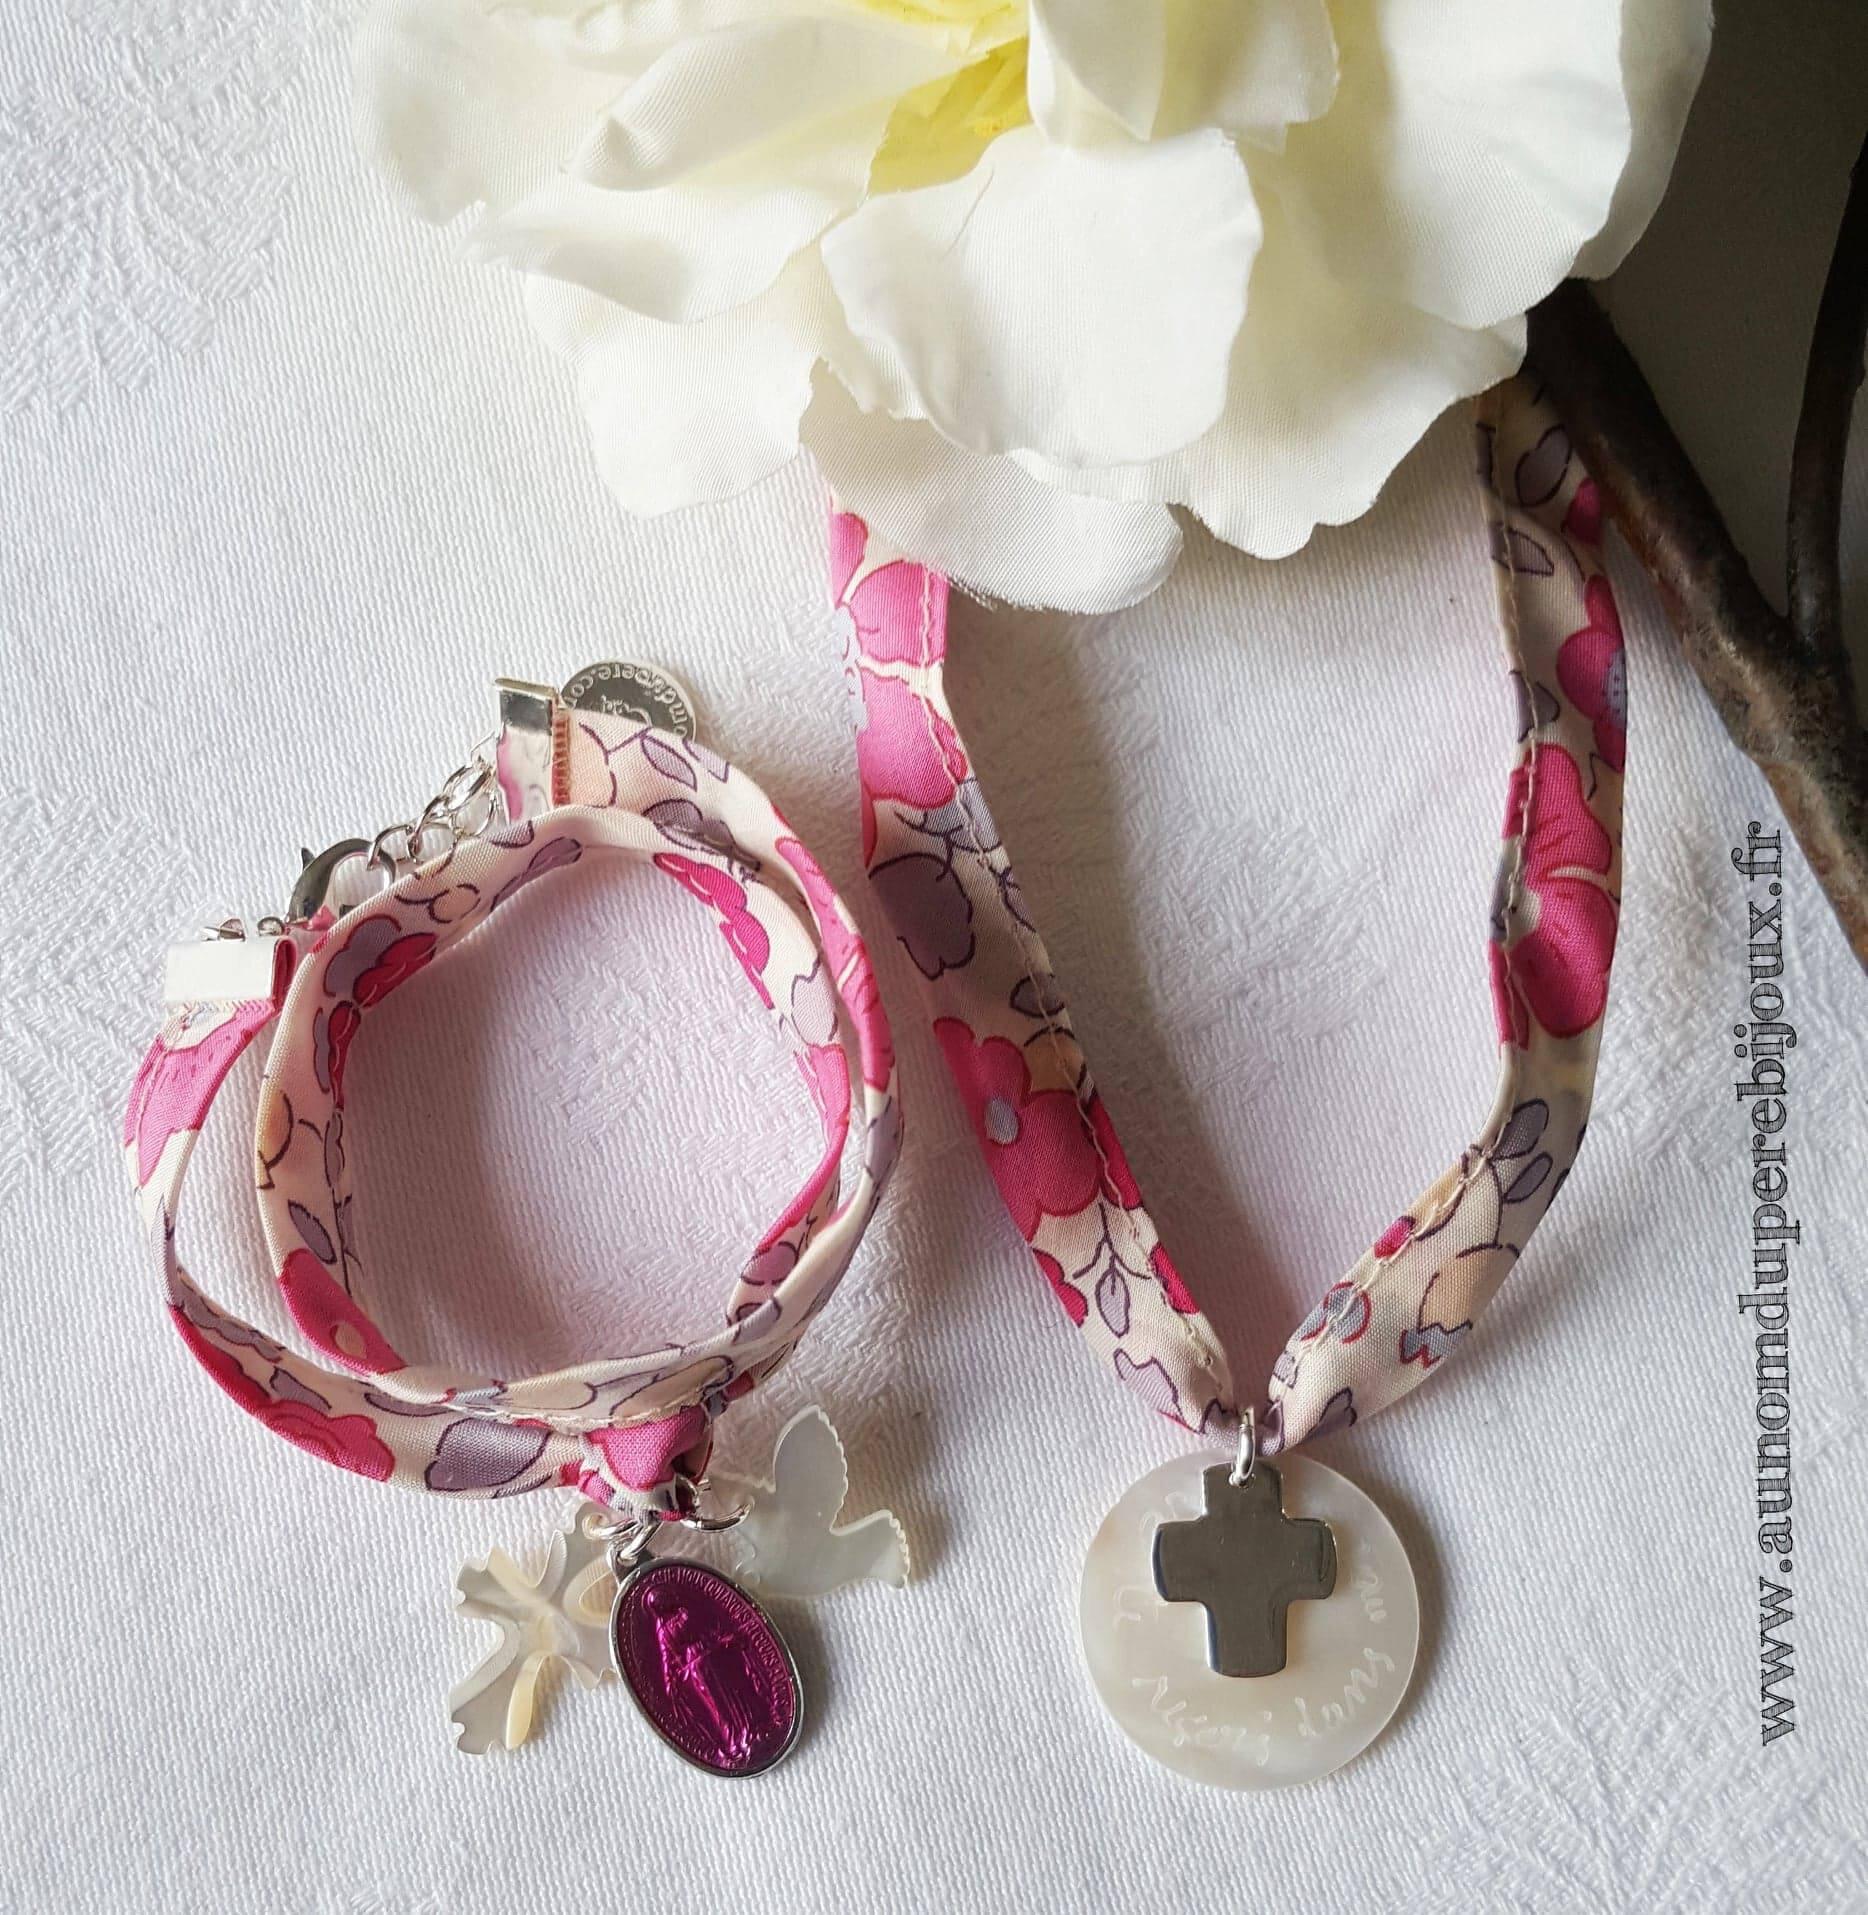 Ensemble bracelet de l'Annonciation et collier de Communion (sur ruban Betsy bougainvillée) - 35 € et 38 €